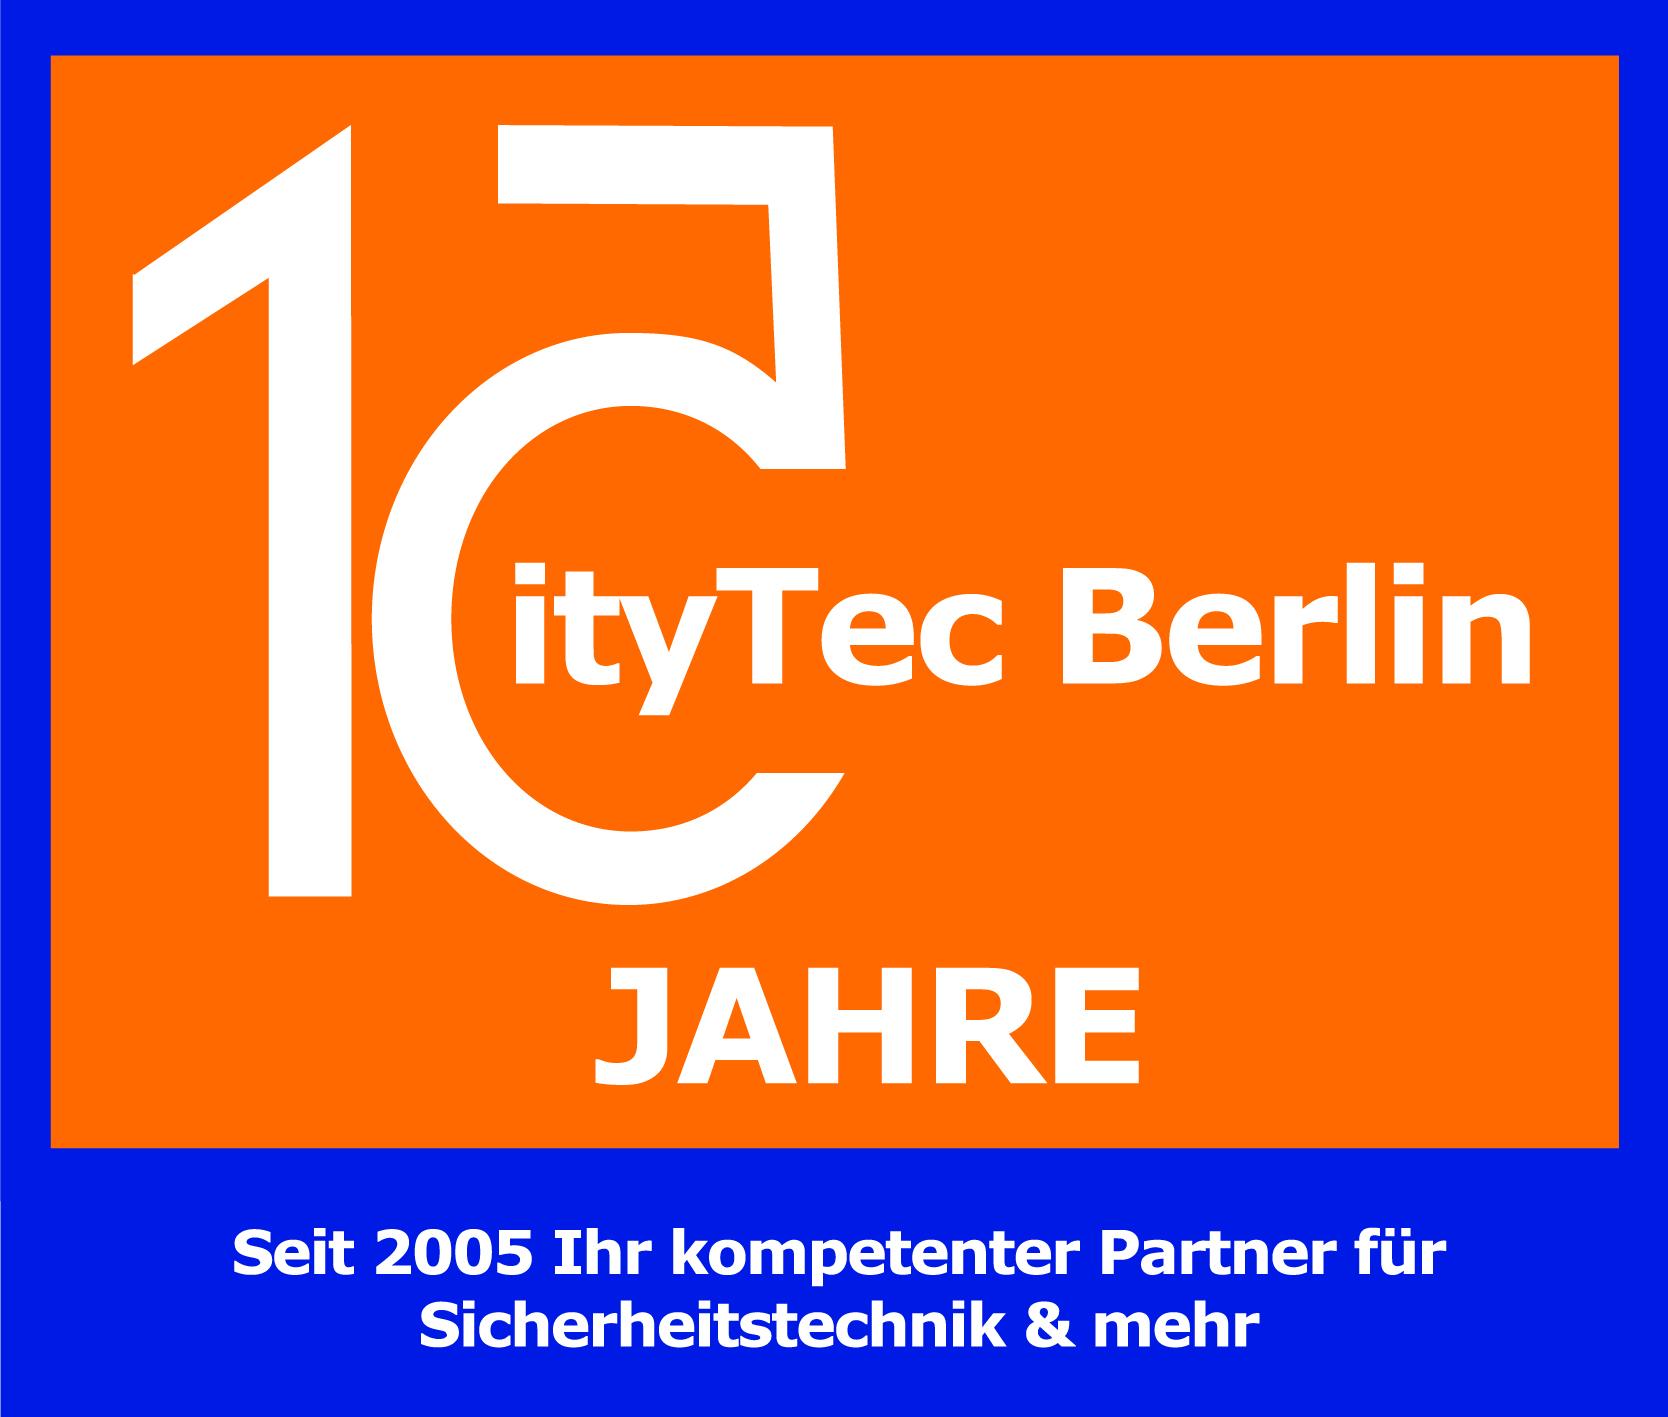 S. Rieniets und A. Küchler GbR (CityTec) - Logo